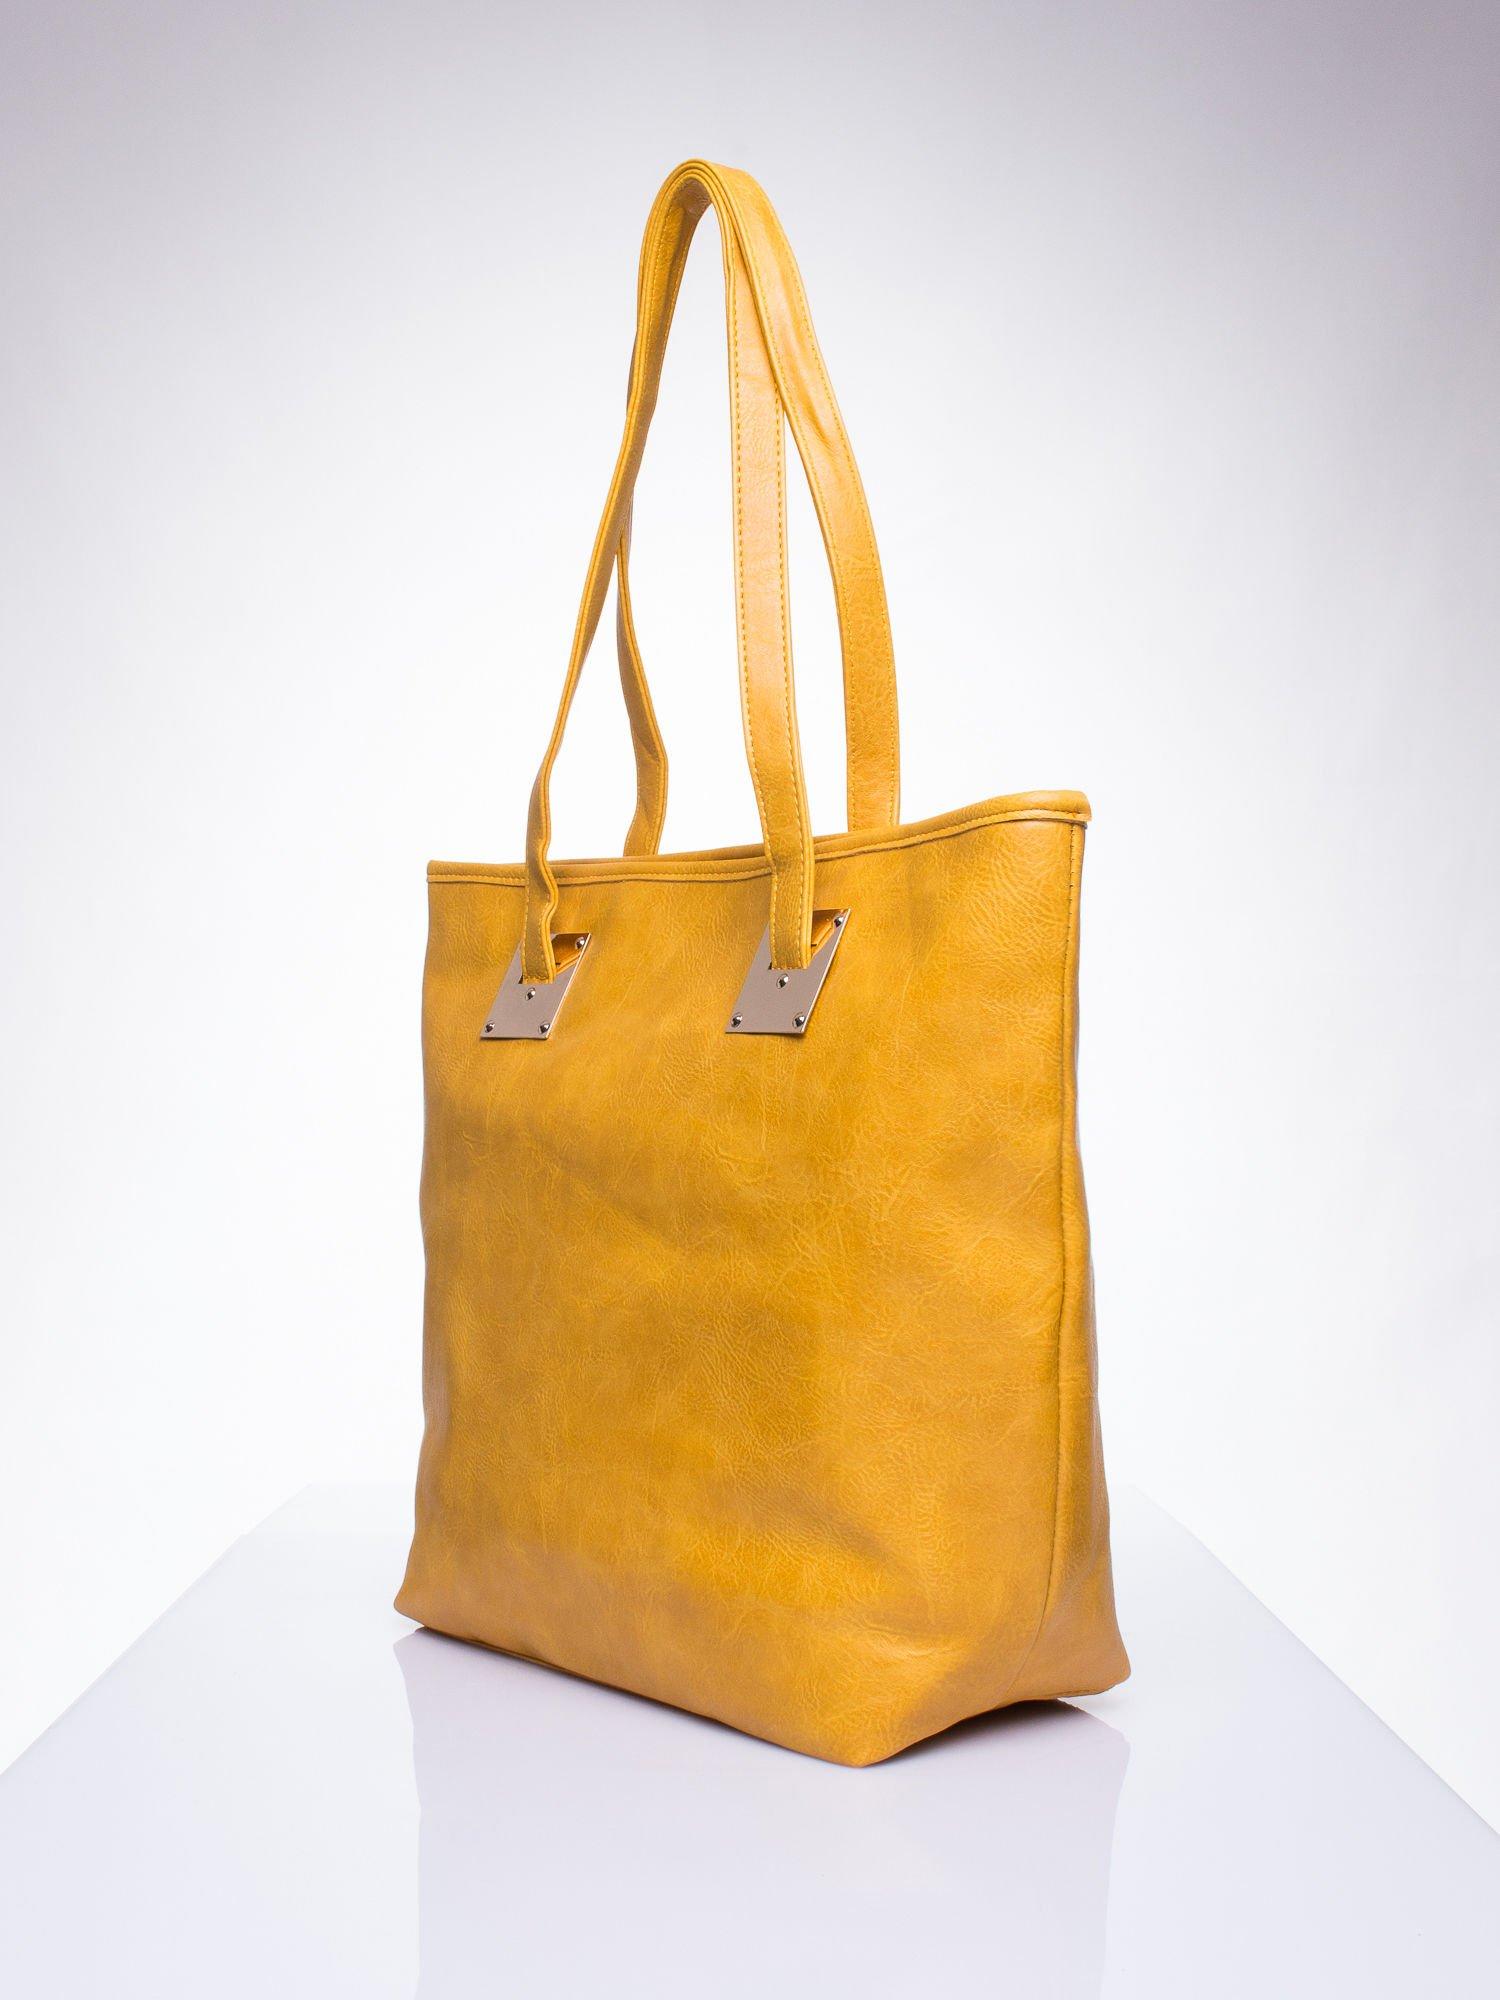 Karmelowa prosta torba shopper bag ze złotymi okuciami                                  zdj.                                  2